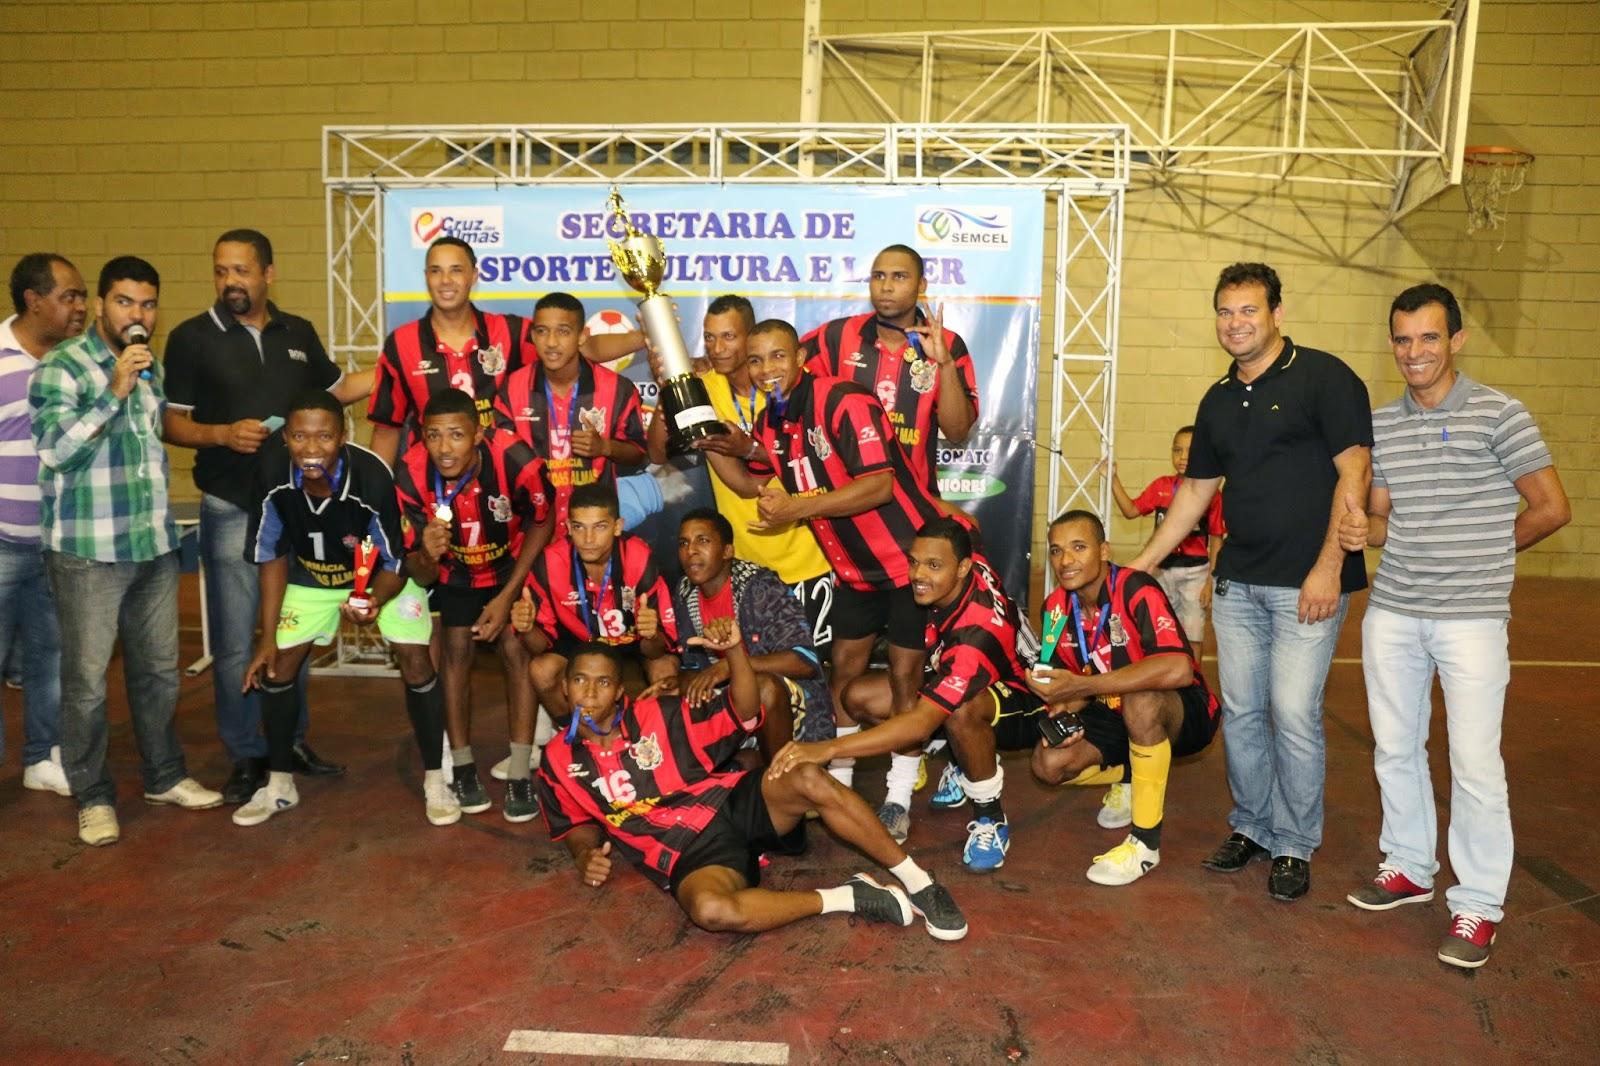 f5af152eb3369 Cruz das Almas Campeonato Interbairros de Futsal termina com placar aperto  e Ginásio lotado. sexta-feira ...